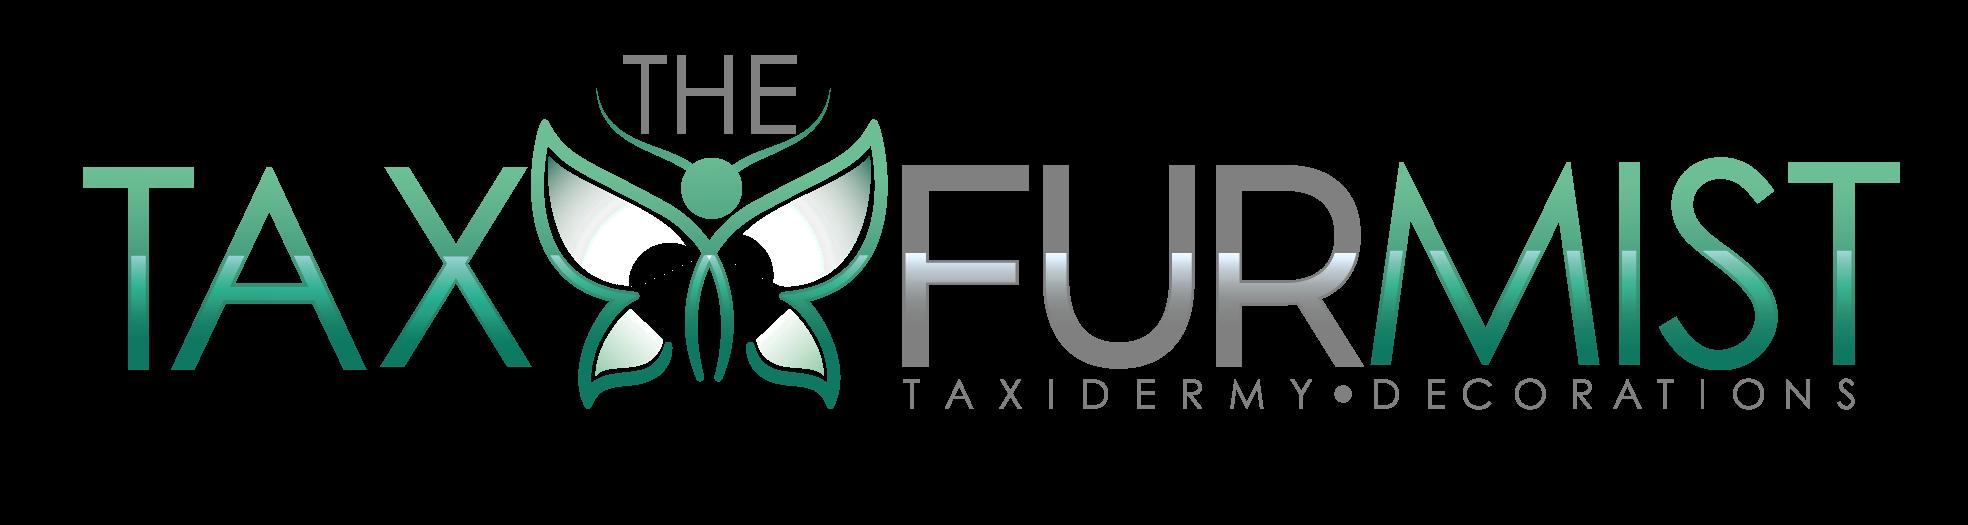 The Taxifurmist